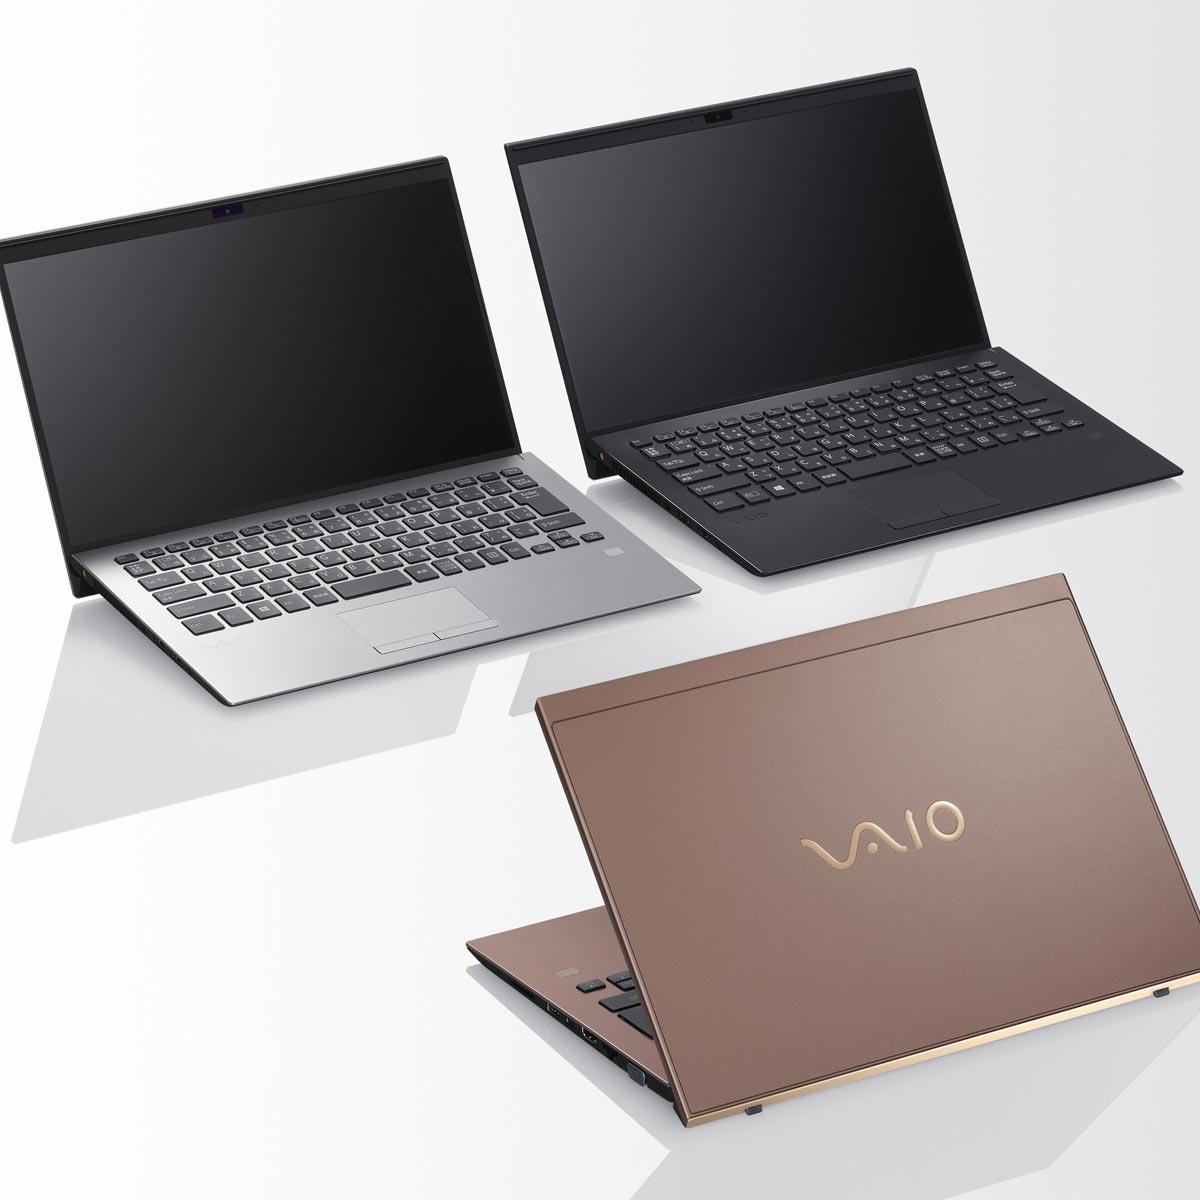 13型のボディサイズに14型液晶を搭載した大画面モバイル「VAIO SX14」